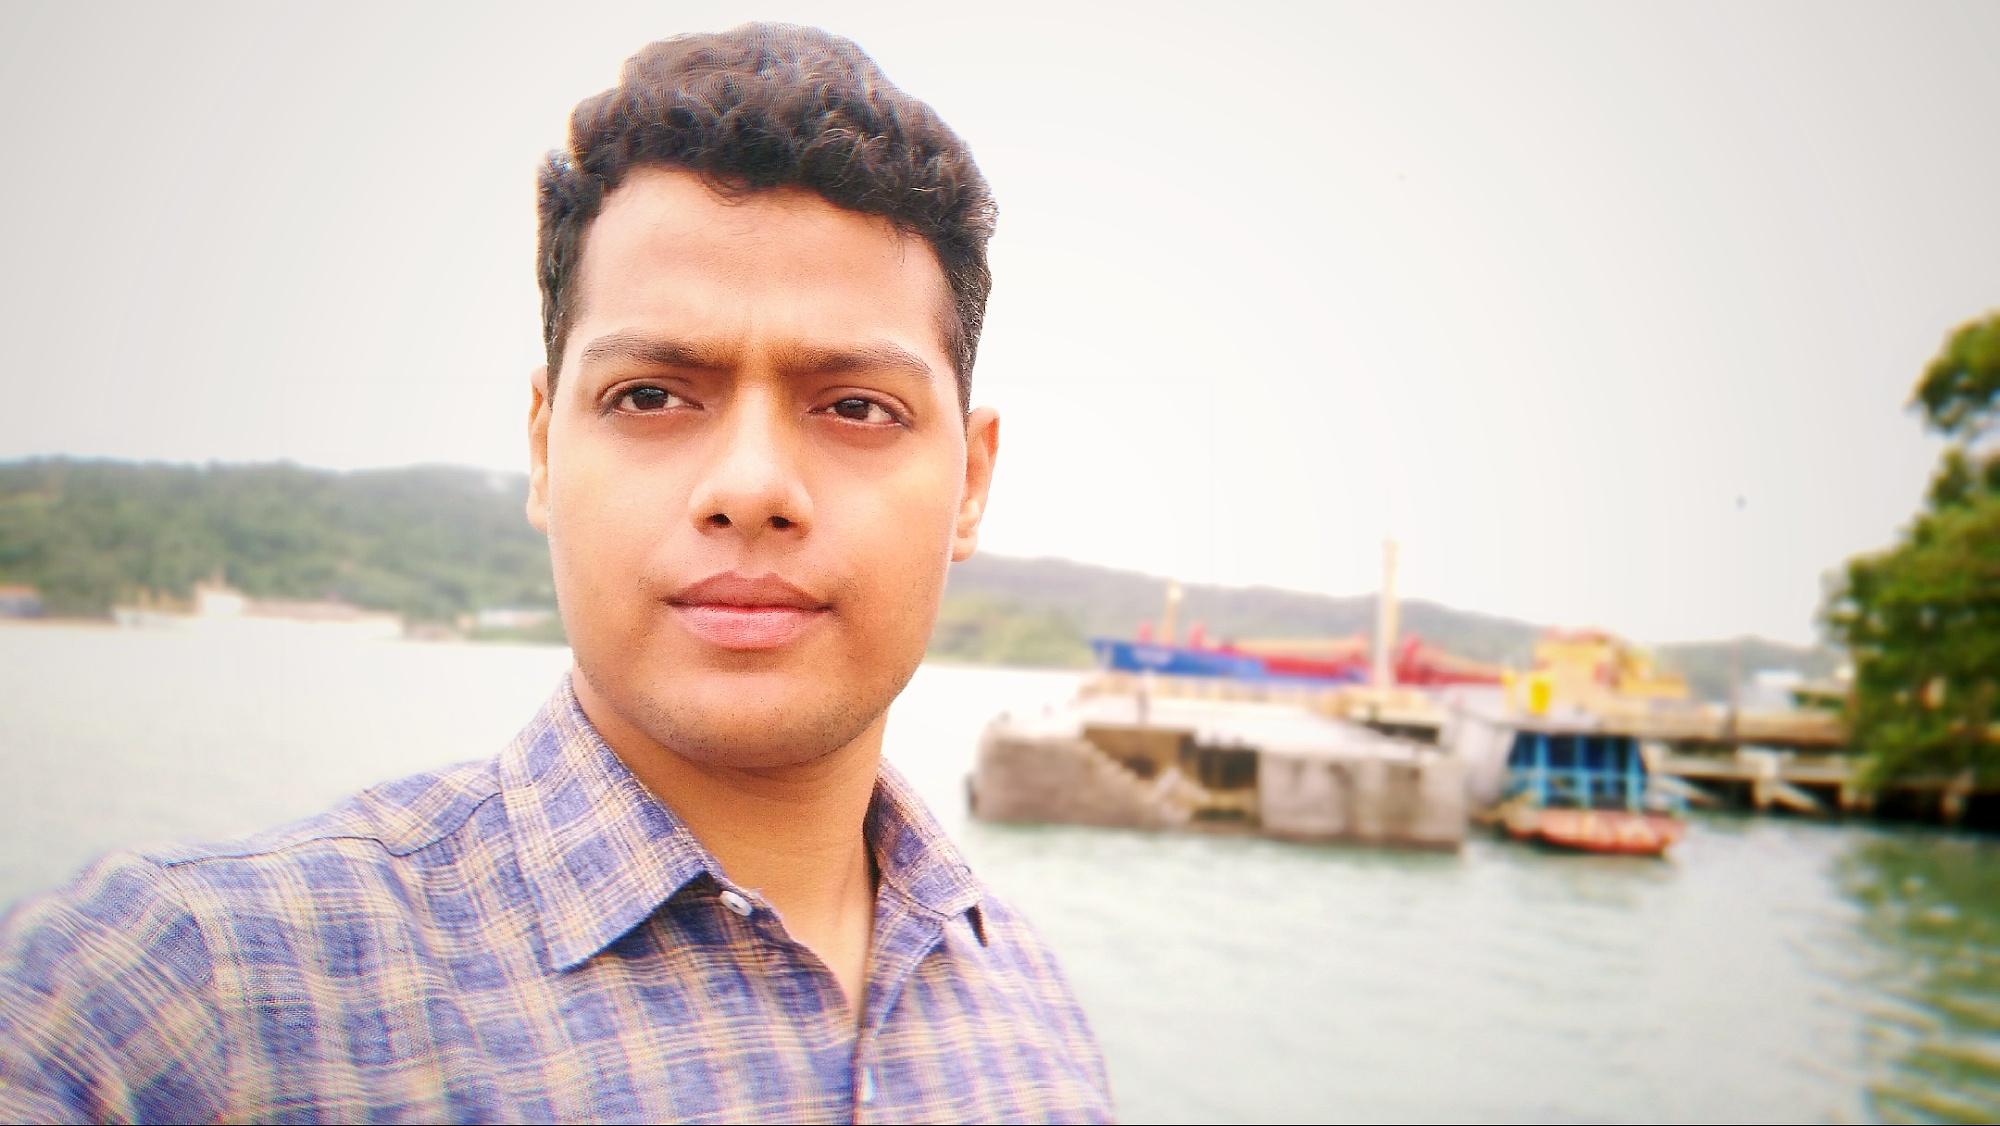 Parveer Kumar Saurav